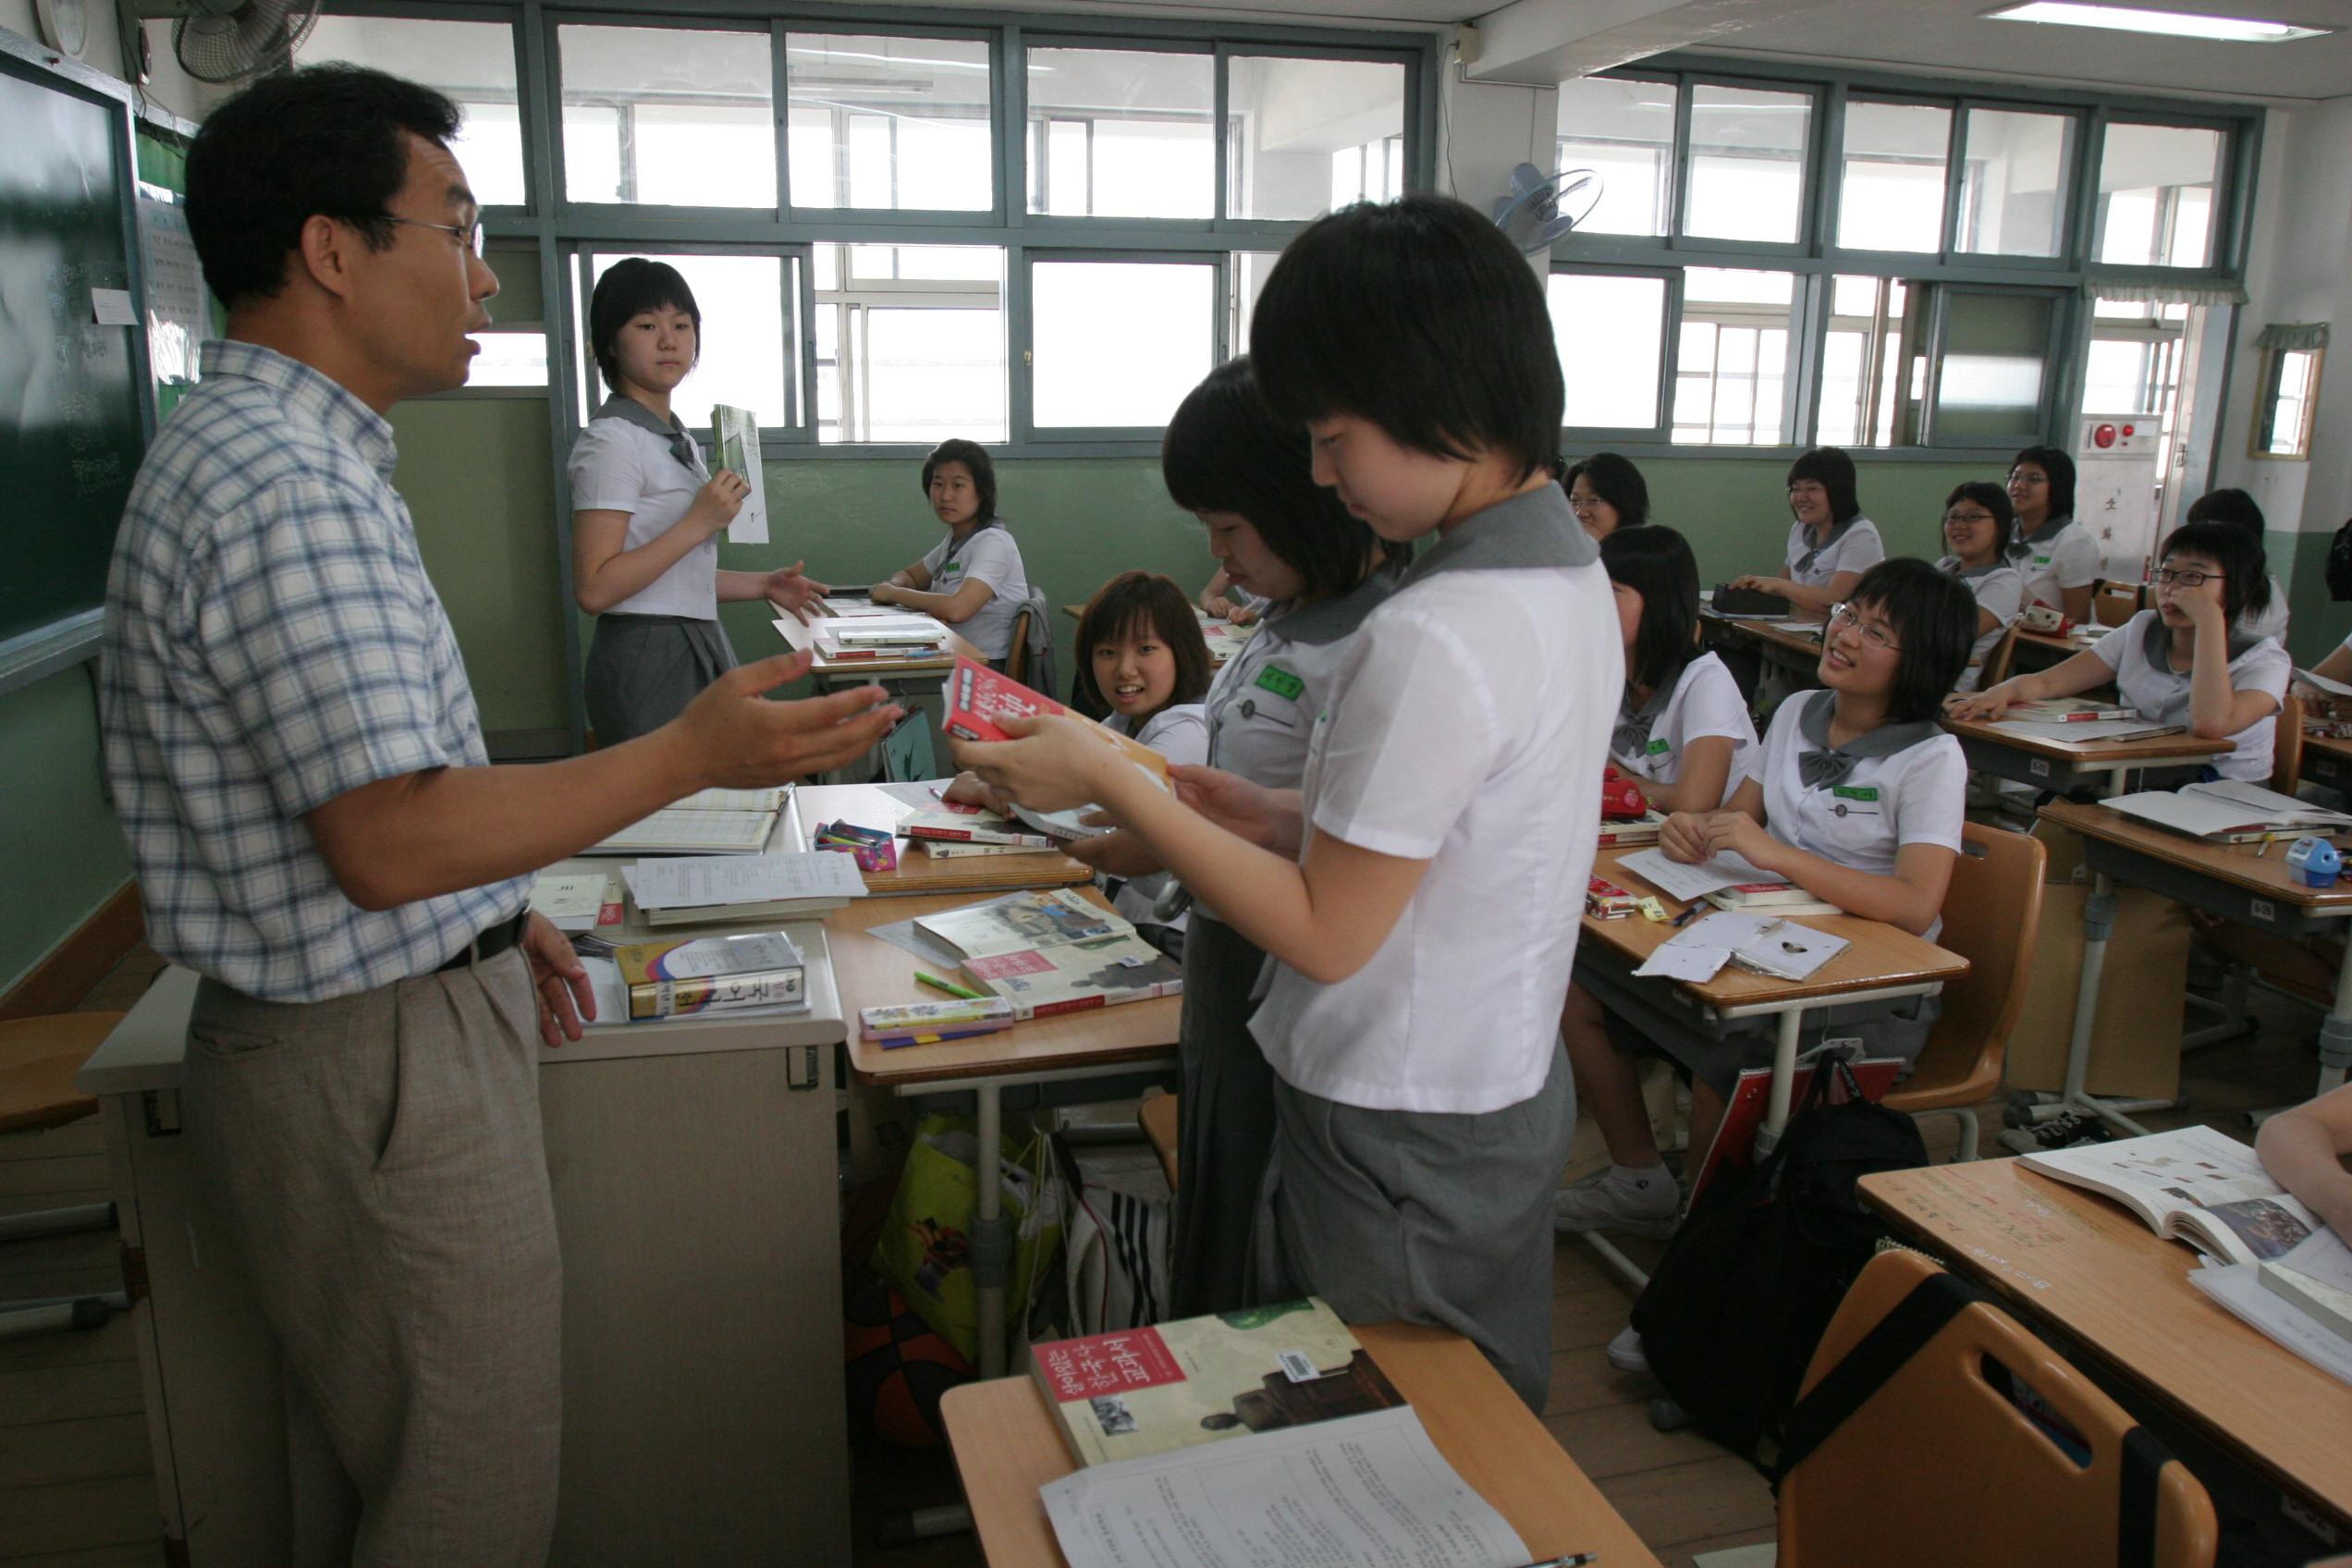 写真・図版 : 韓国・ソウル市内の金湖女子中の歴史の授業で、日・中・韓の3国で合同編集された教材が生徒たちに配られたときの様子=2005年6月14日、溝越賢撮影